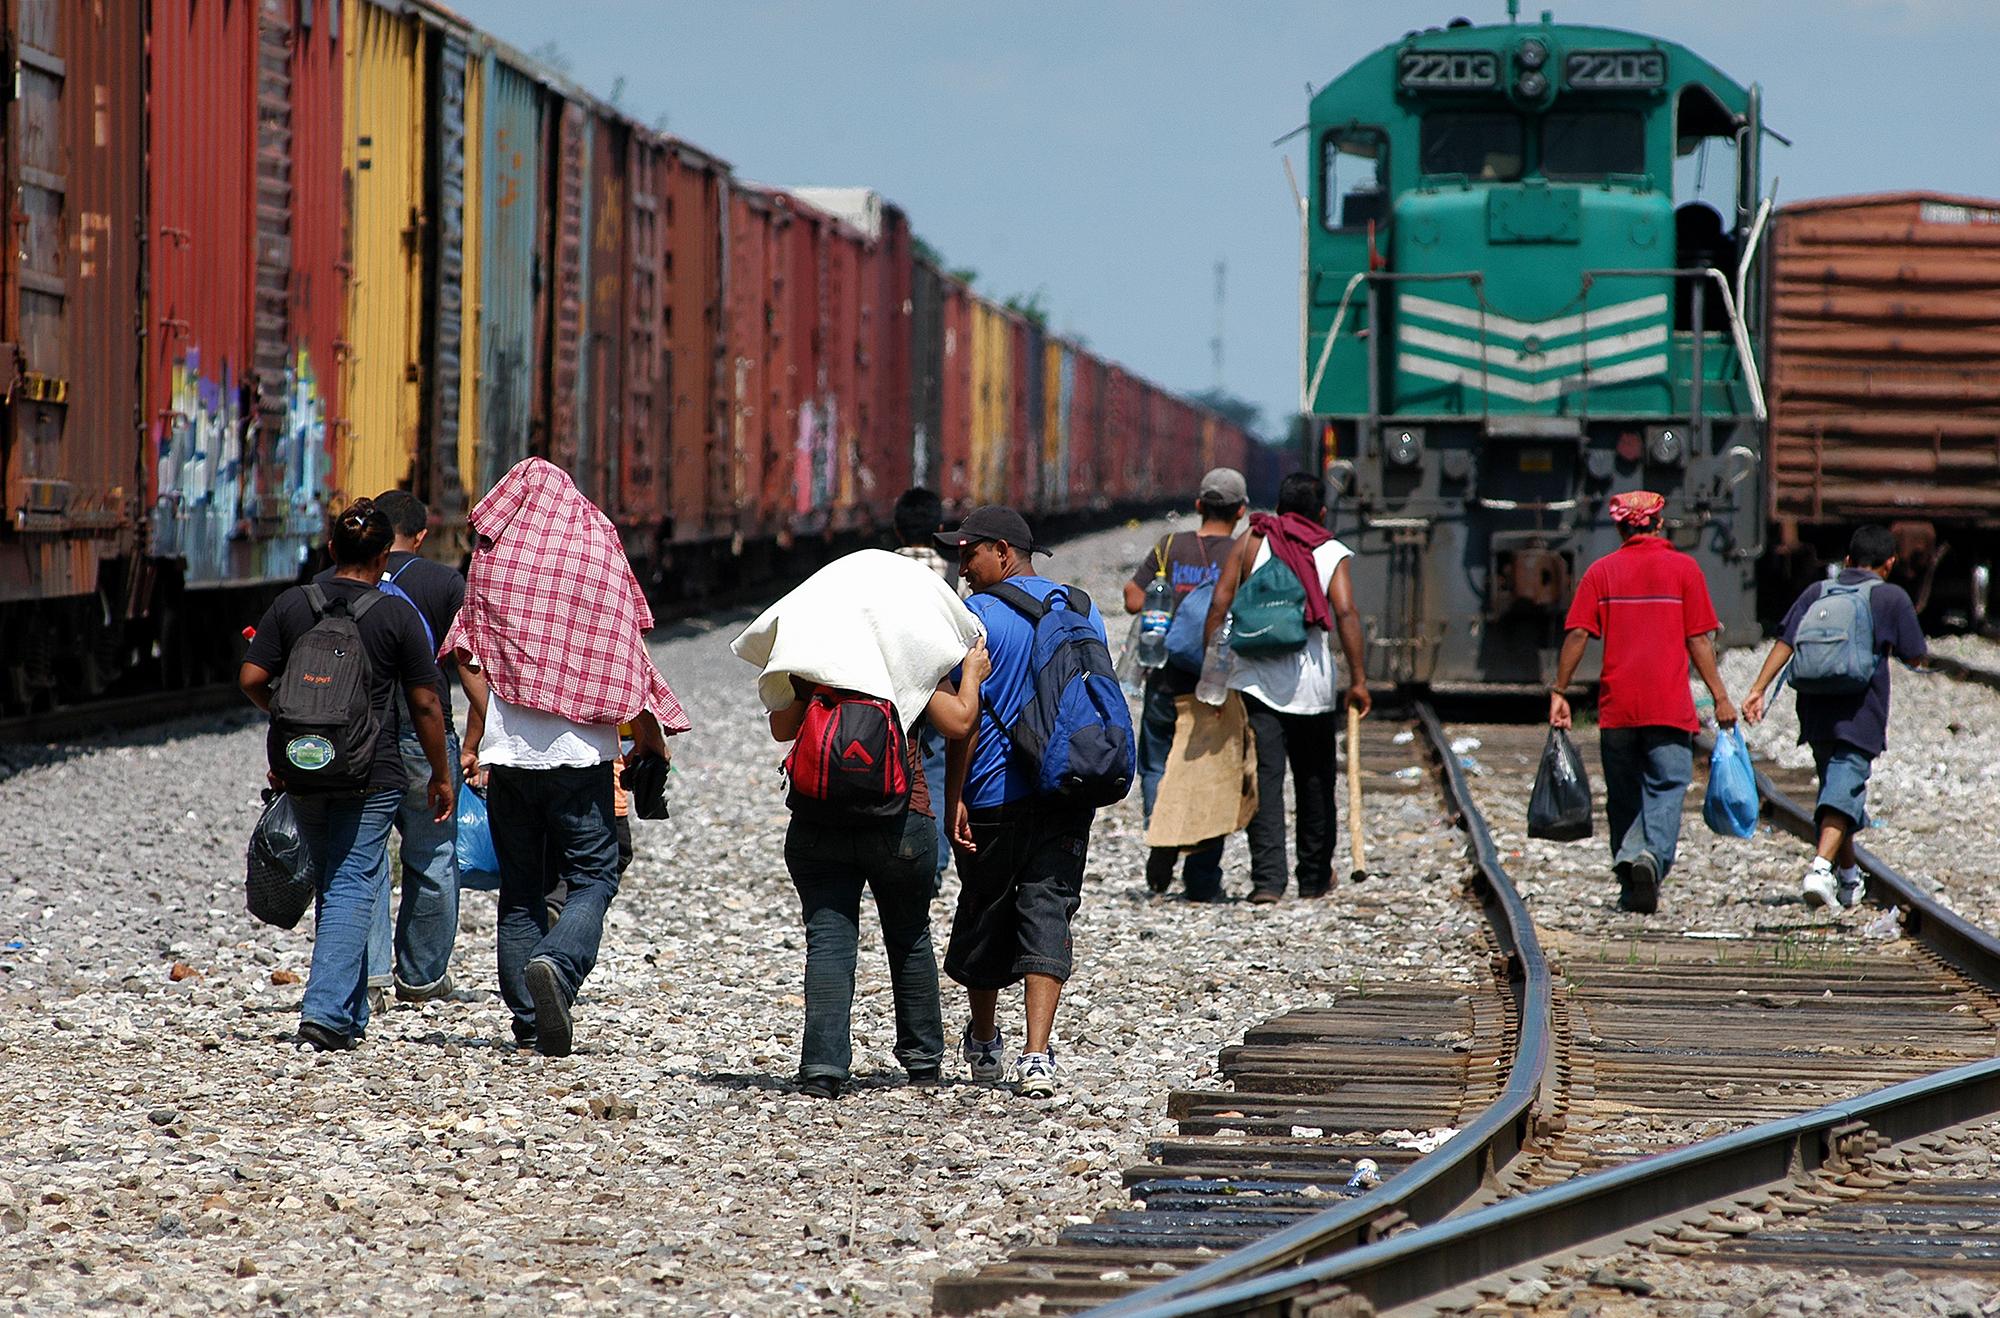 """Central American migrants walk over the tracks to catch the train north, Tierra Blanca, Veracruz, Mexico, 28 June 2009.  Junio 28, 2009. Líneas férreas de Tierra Blanca, Veracruz, México. Migrantes centroamericanos en espera de la salida del tren hacia el norte. Migrants make their way toward Mexico's northern border by foot, bus and most commonly on the top of a network of freight trains. Here migrants in Tierra Blanca, Veracruz state, board """"La Bestia"""" (The Beast) also known as """"El tren de la muerte"""" (The Death Train)."""